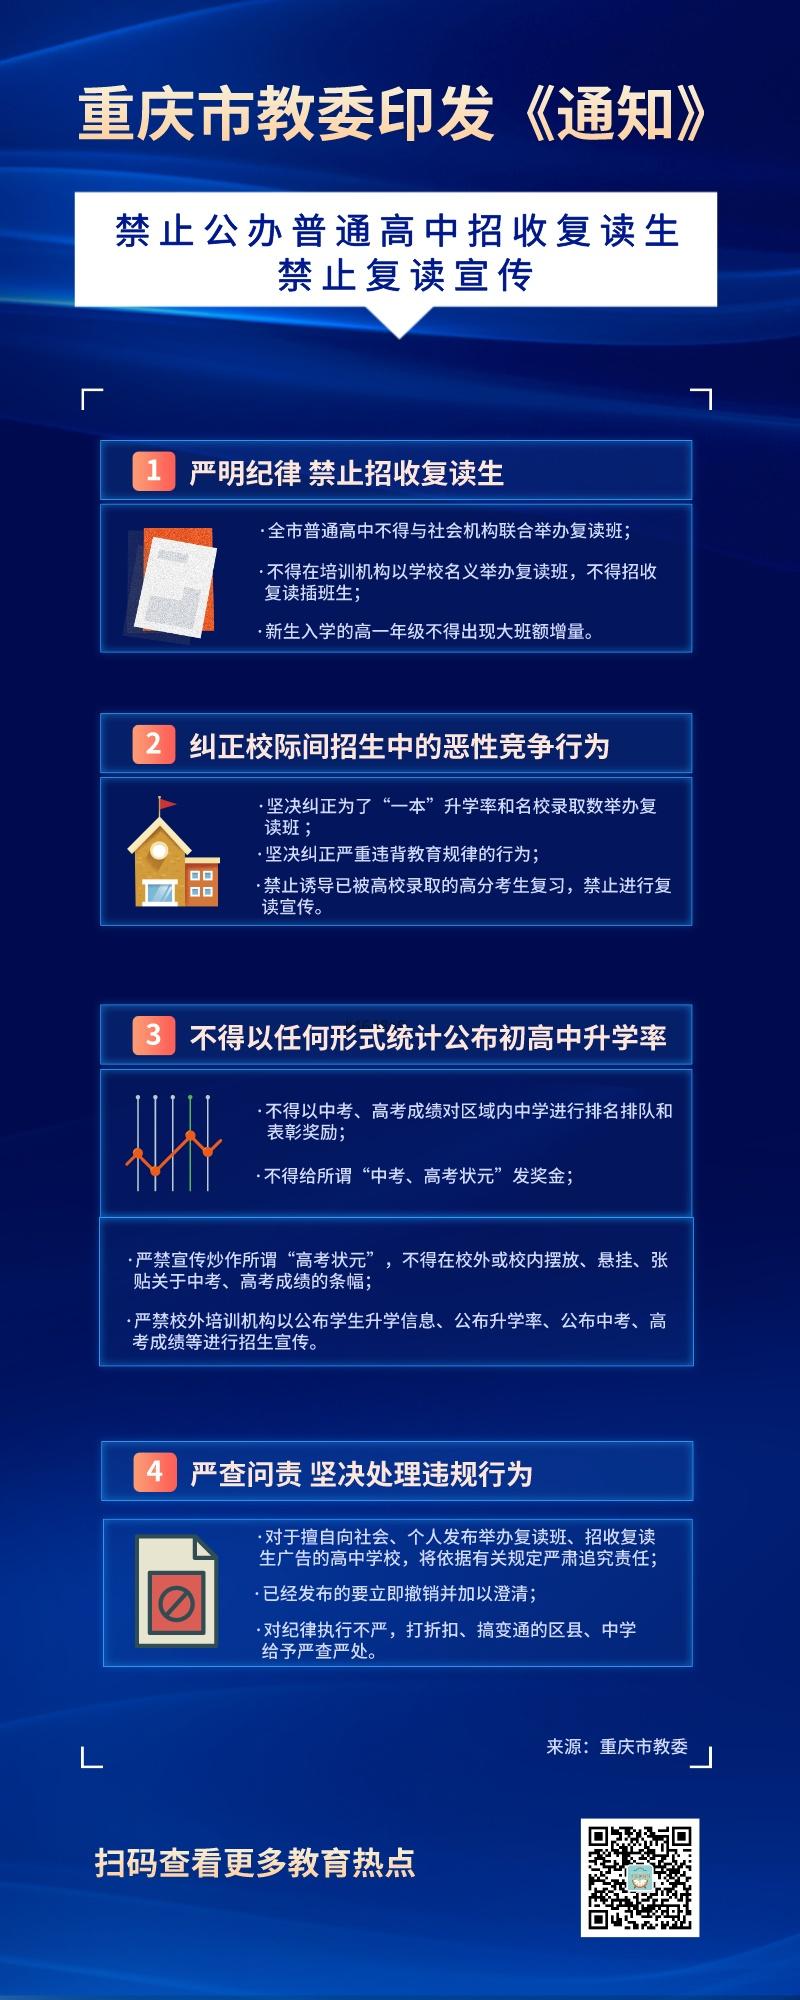 重庆:禁止公办普通高青岛技术学校中招收复读生 禁止复读宣传